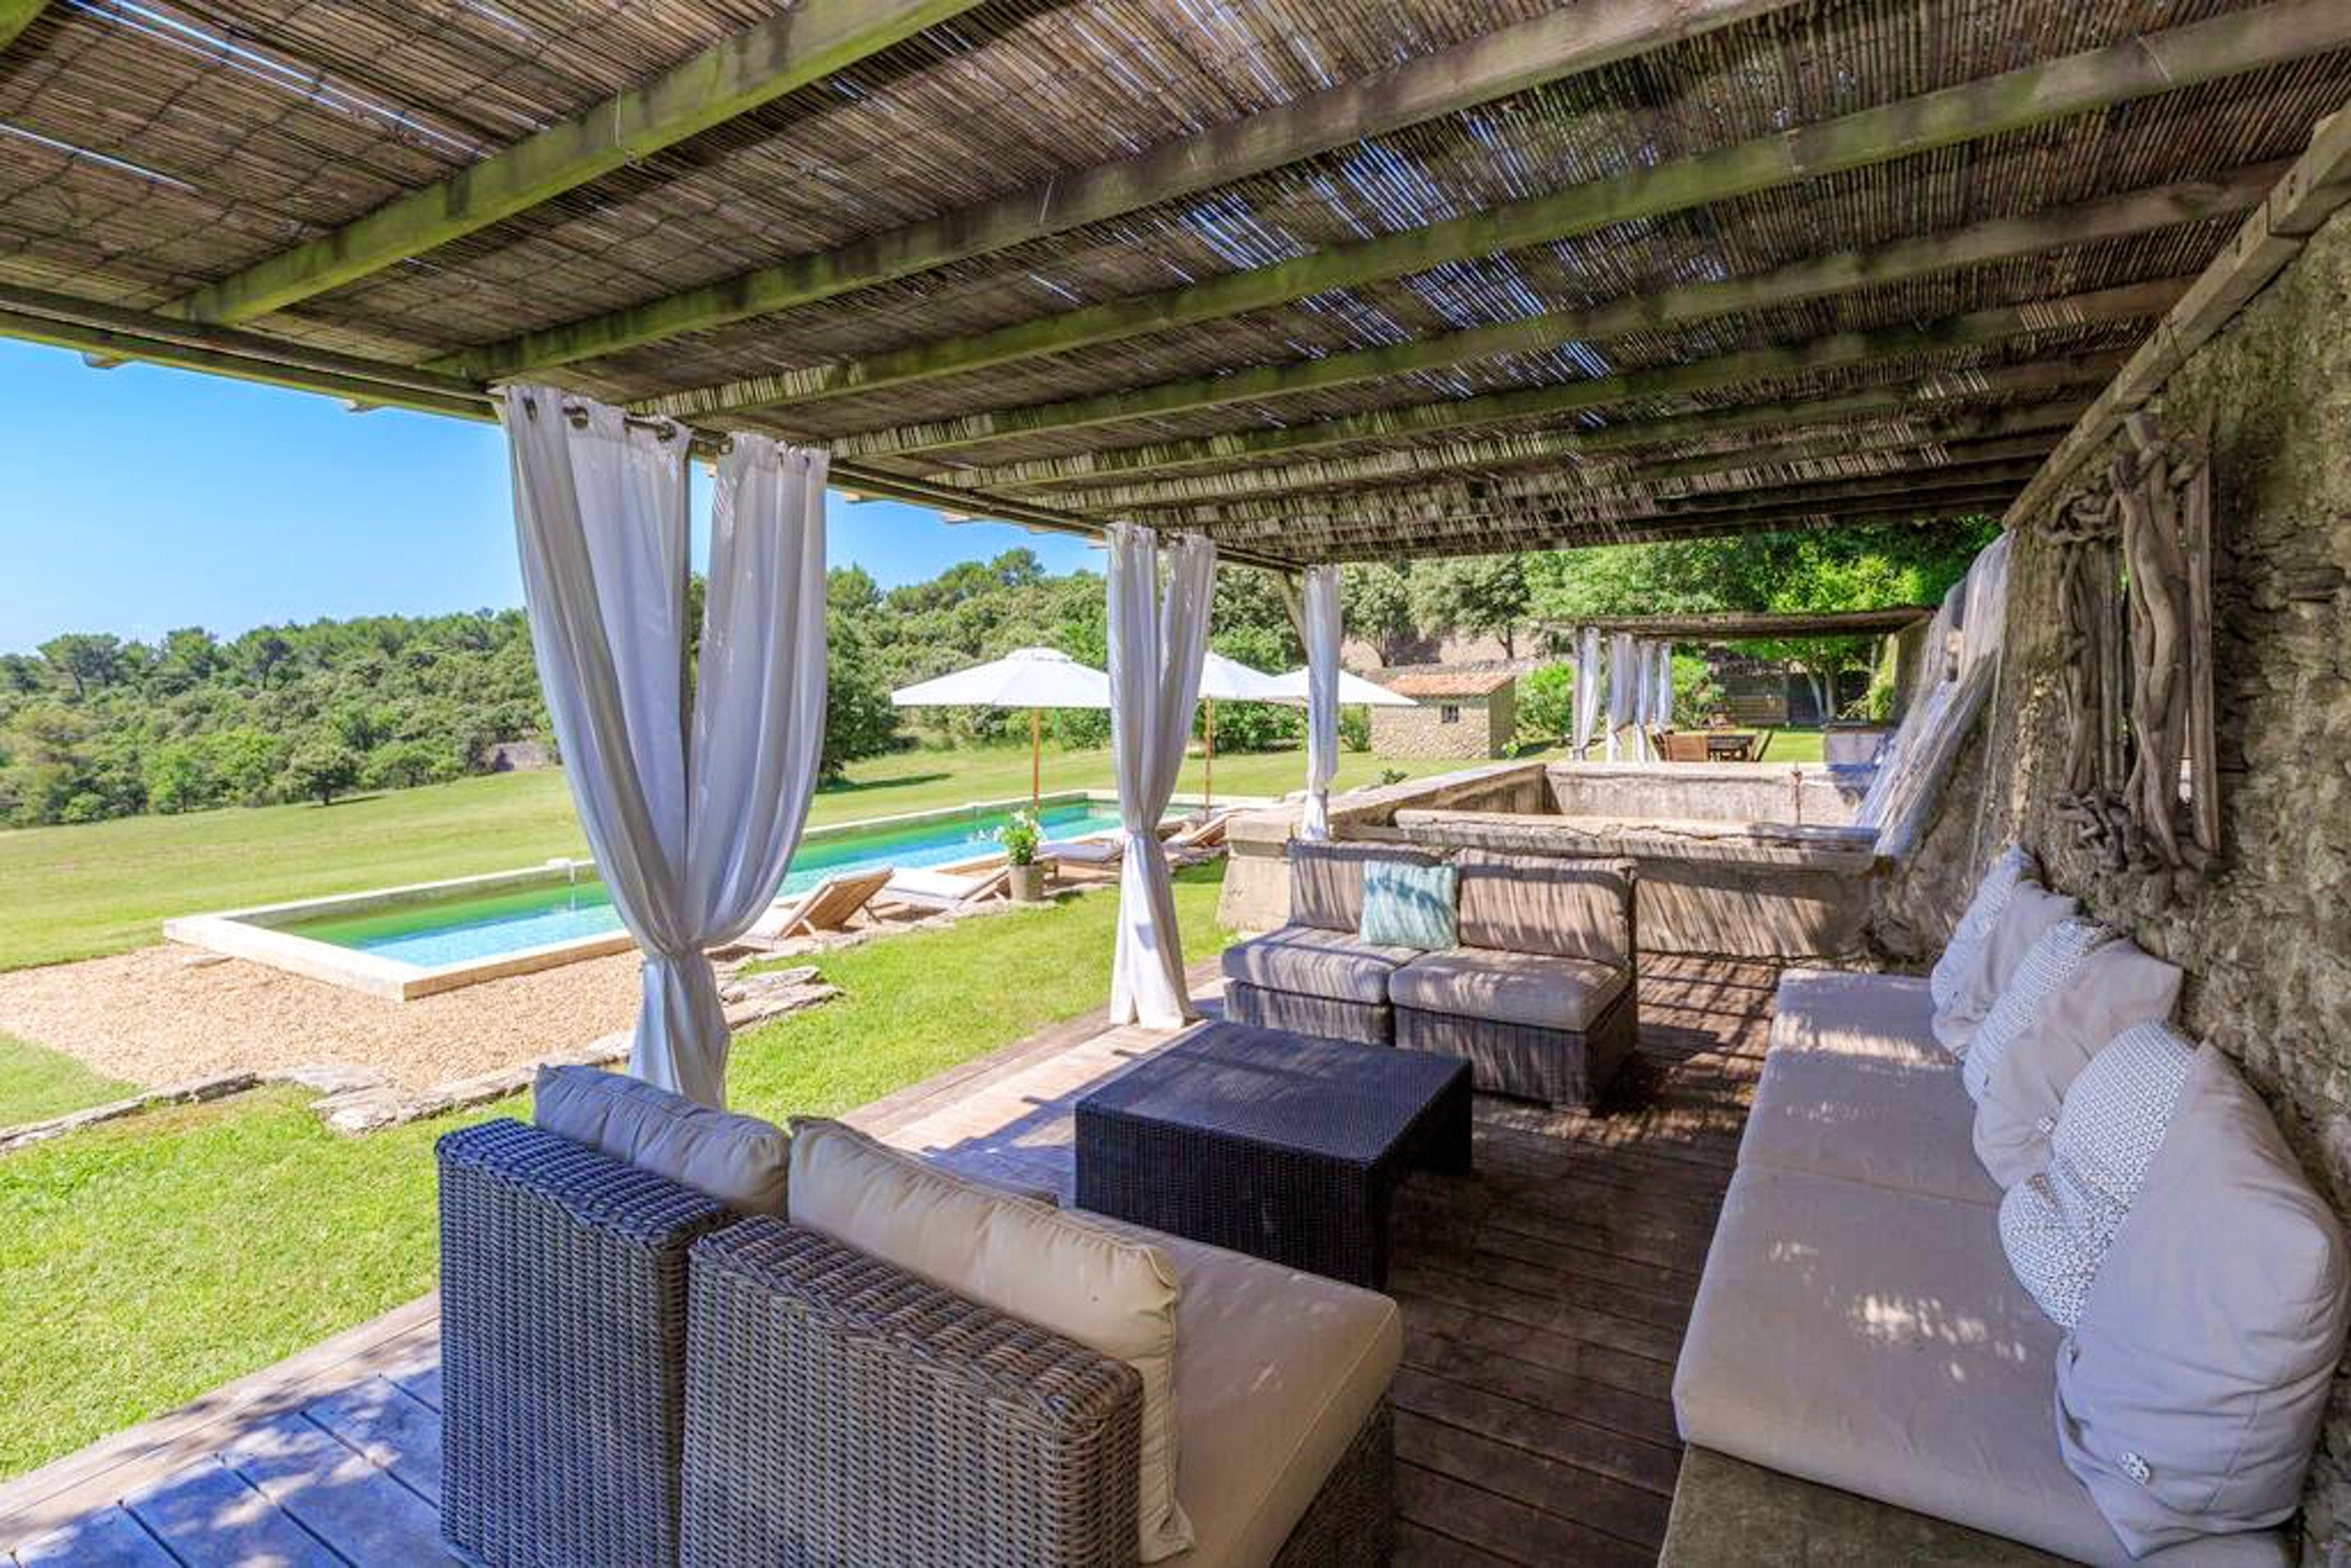 Maison de vacances Villa mit 6 Schlafzimmern in L'Isle-sur-la-Sorgue mit privatem Pool, möbliertem Garten und (2647203), L'Isle sur la Sorgue, Vaucluse, Provence - Alpes - Côte d'Azur, France, image 2